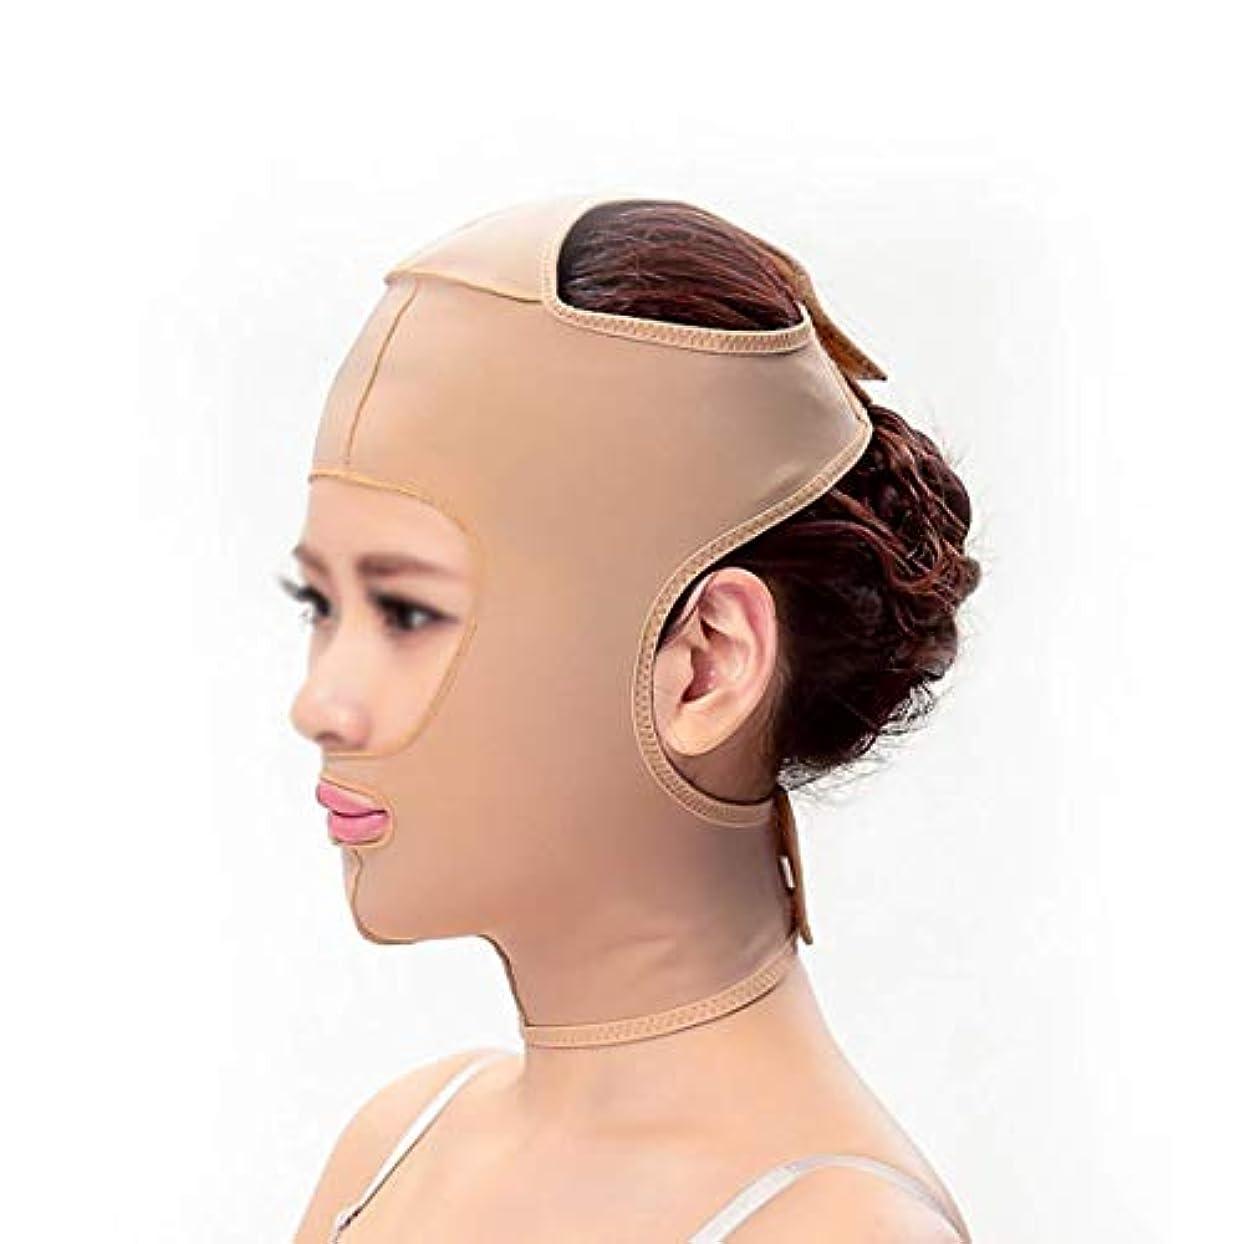 リフレッシュ怖がらせる傷つきやすいスリミングベルト、二重あごの引き締め顔面プラスチックフェイスアーティファクト強力なフェイスバンデージをサイズアップするために顔面マスクシンフェイスマスク,Xl